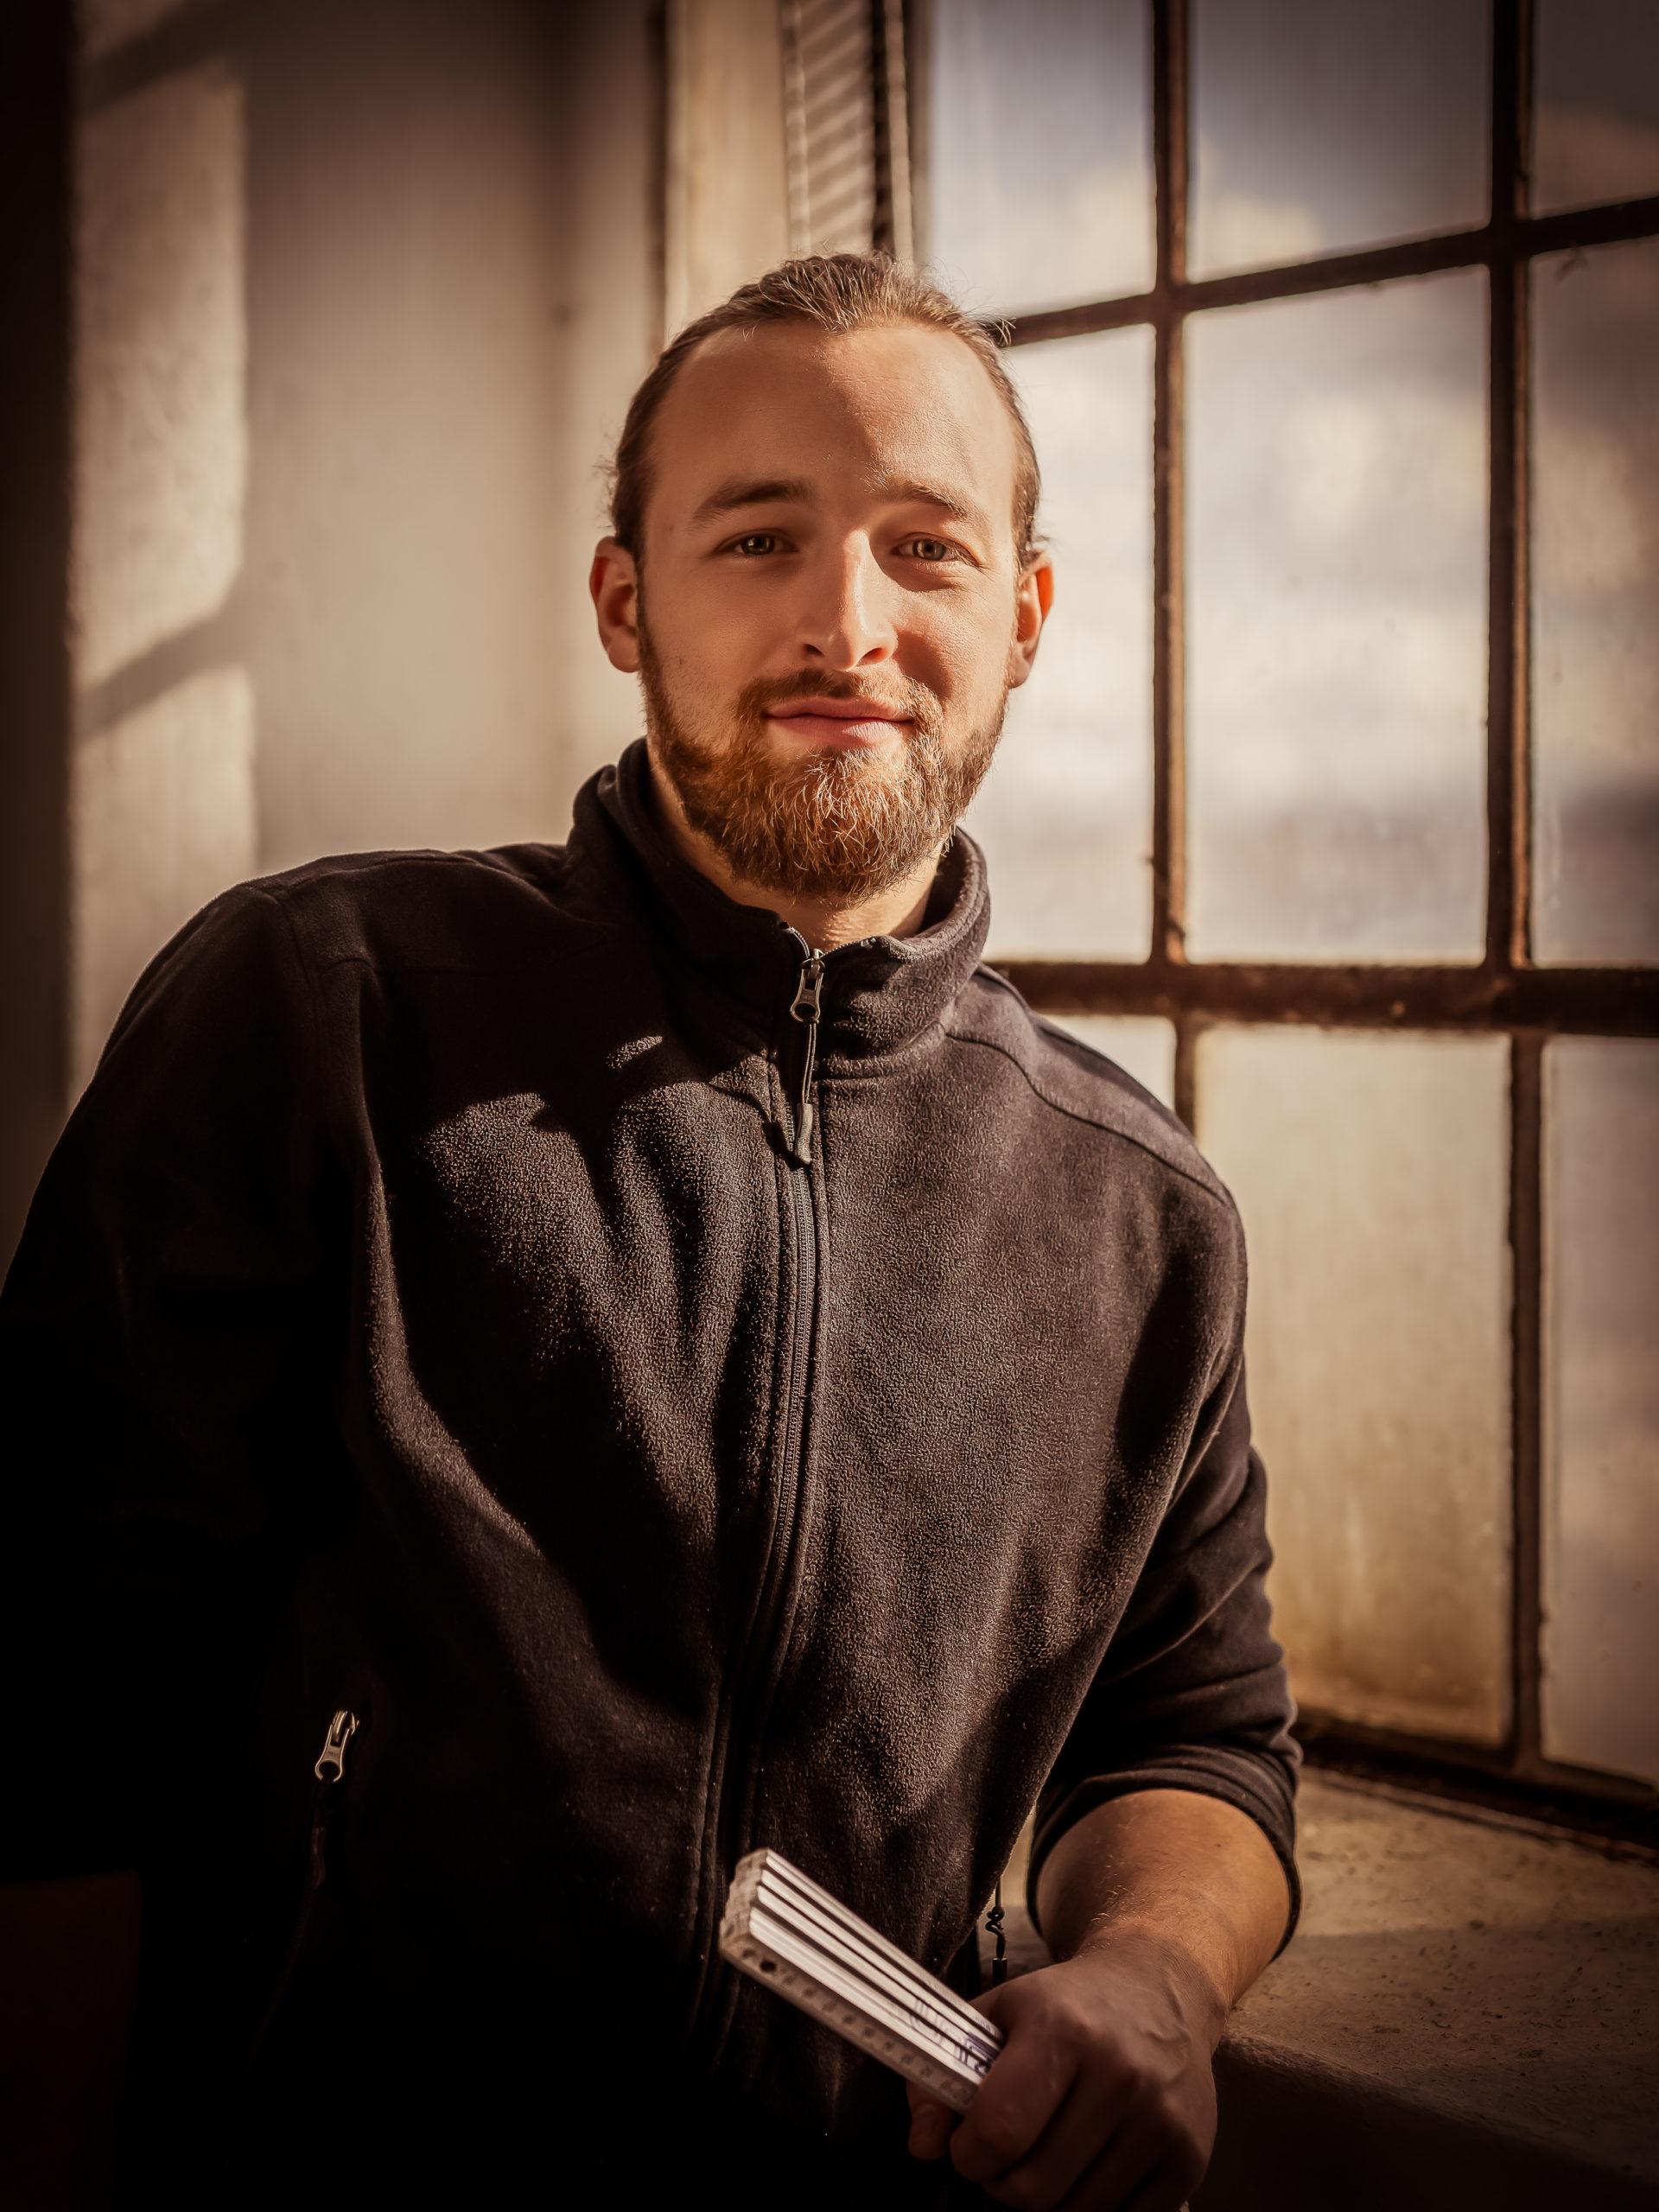 Stephan Strommenger Profil-Foto